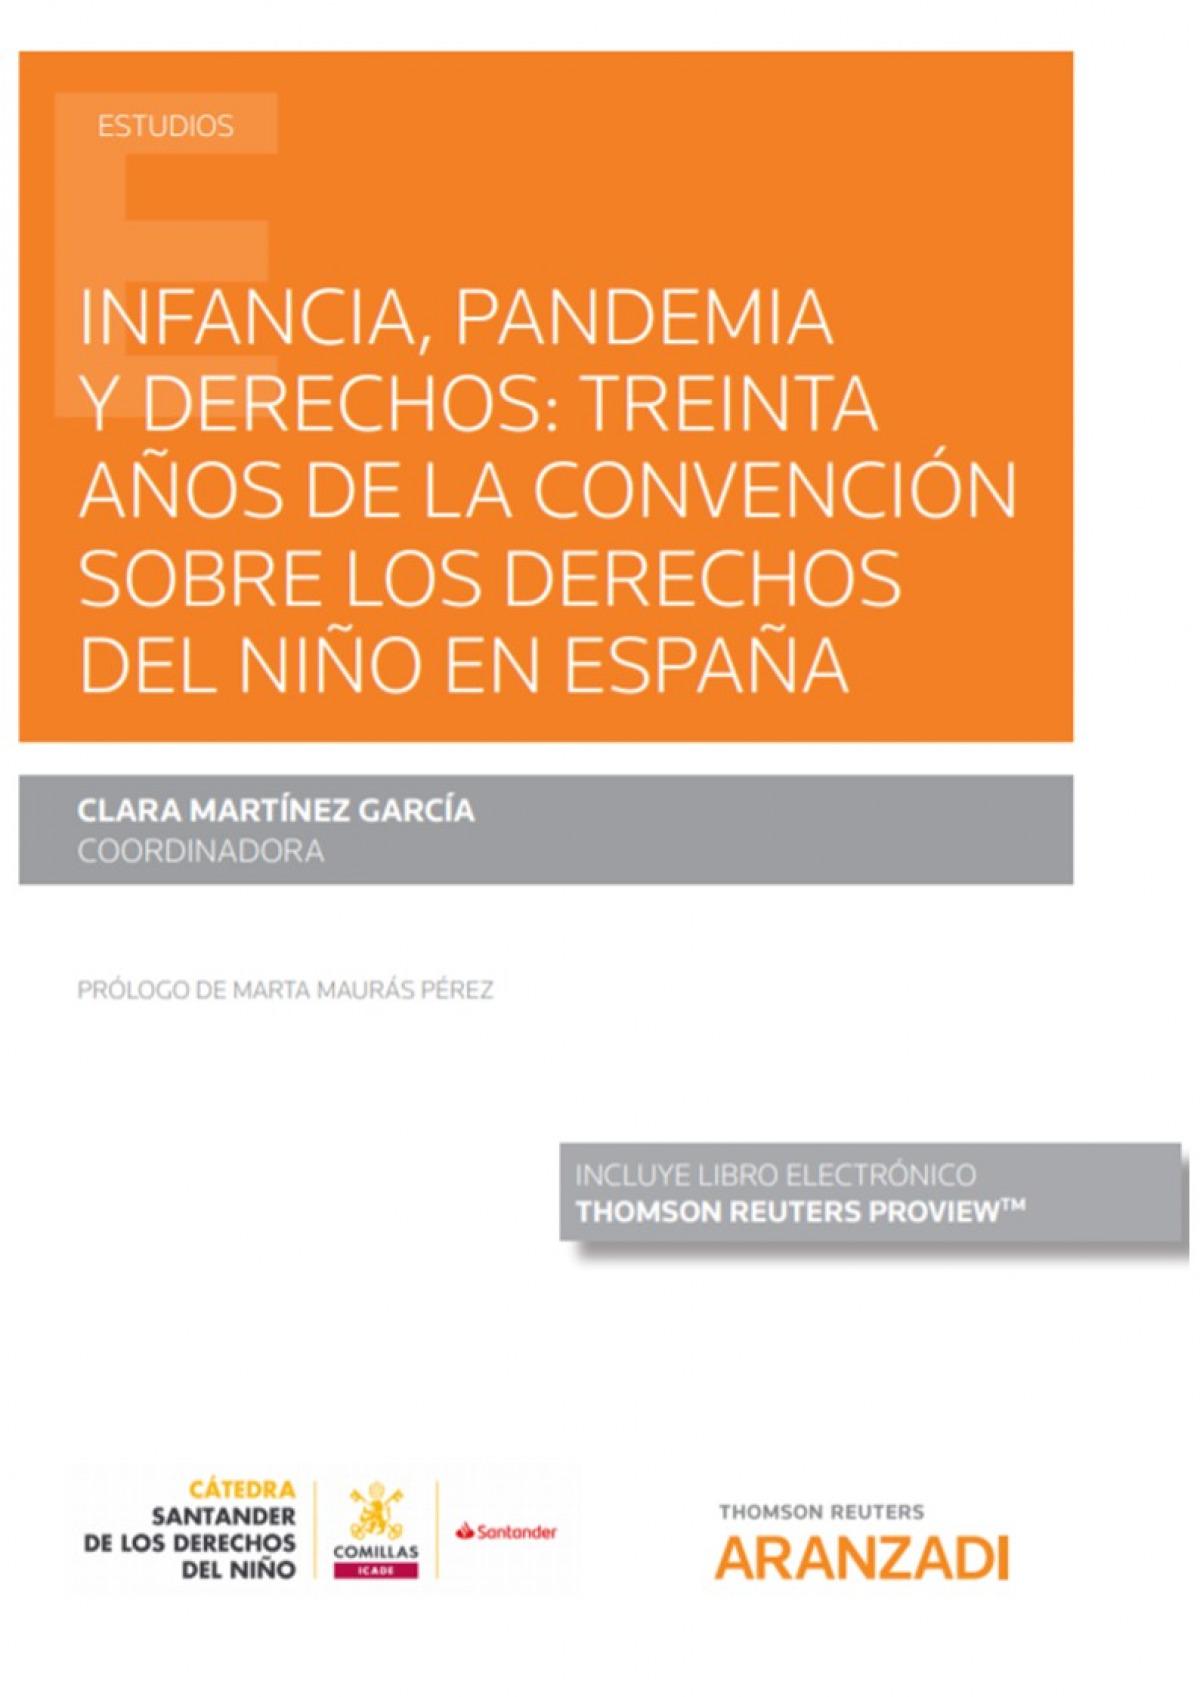 Infancia, pandemia y derechos: treinta años de la convención sobre los derechos del niño en España (Papel + e-book)